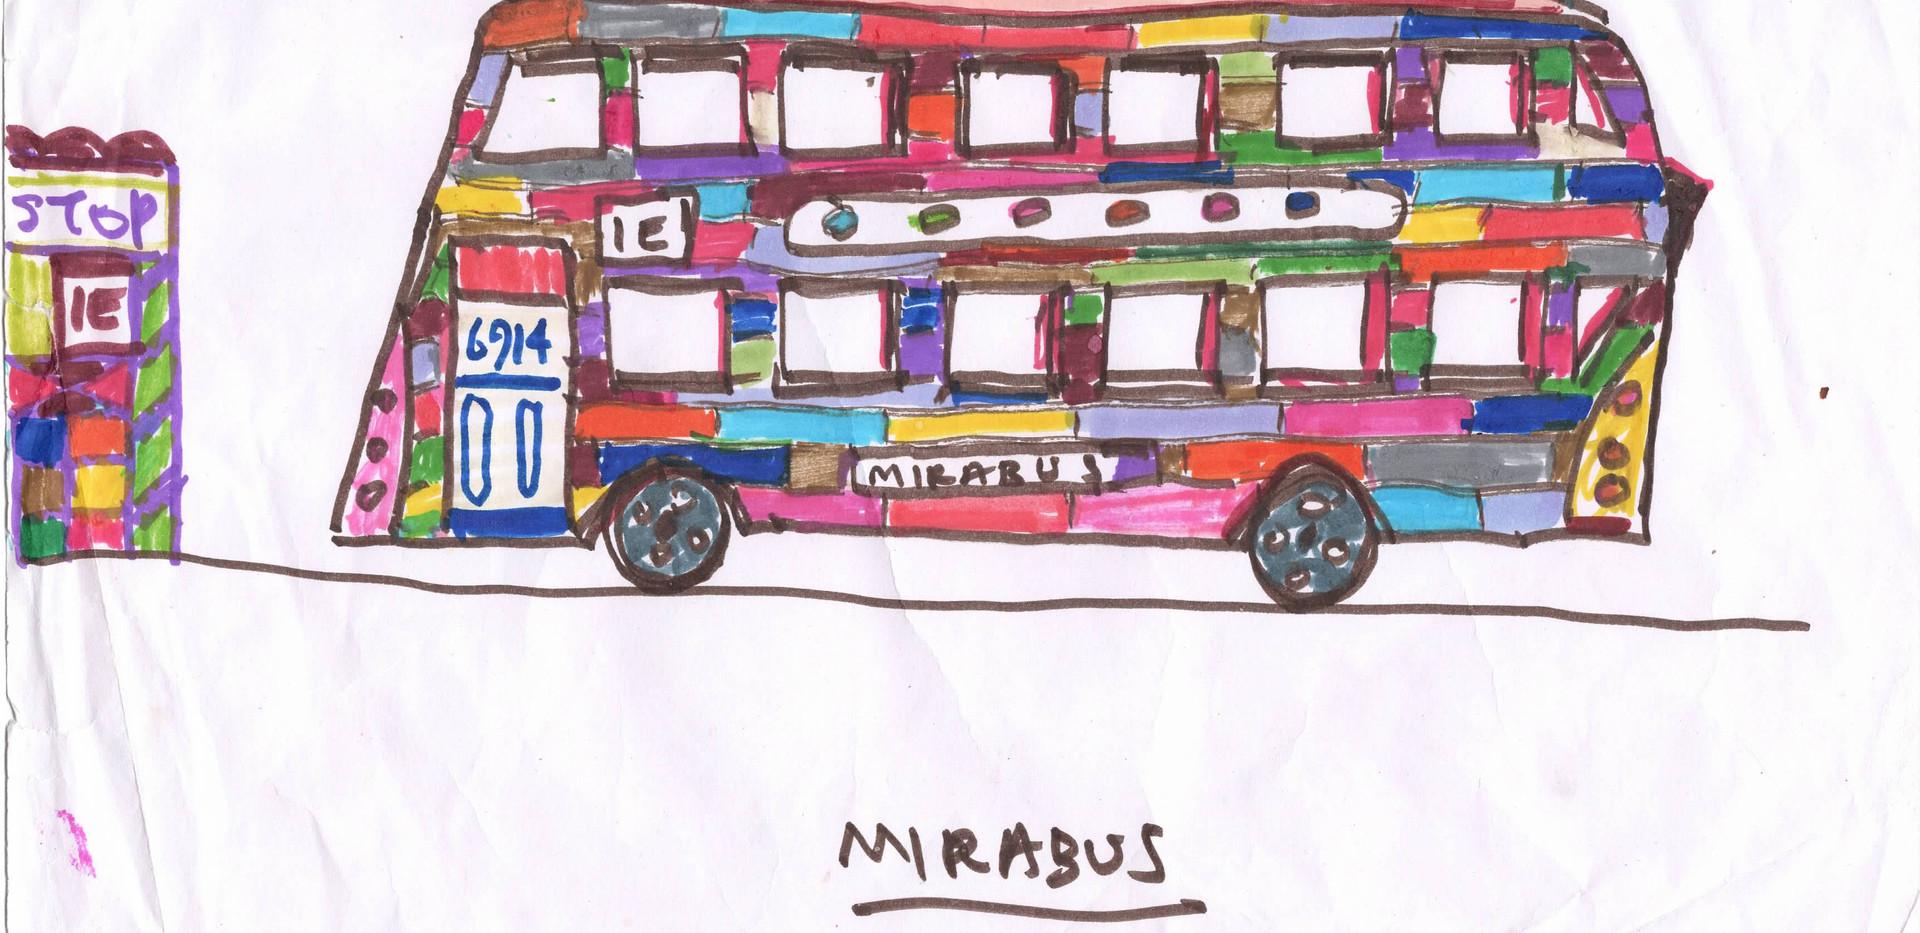 mira bus 9 2019.jpeg